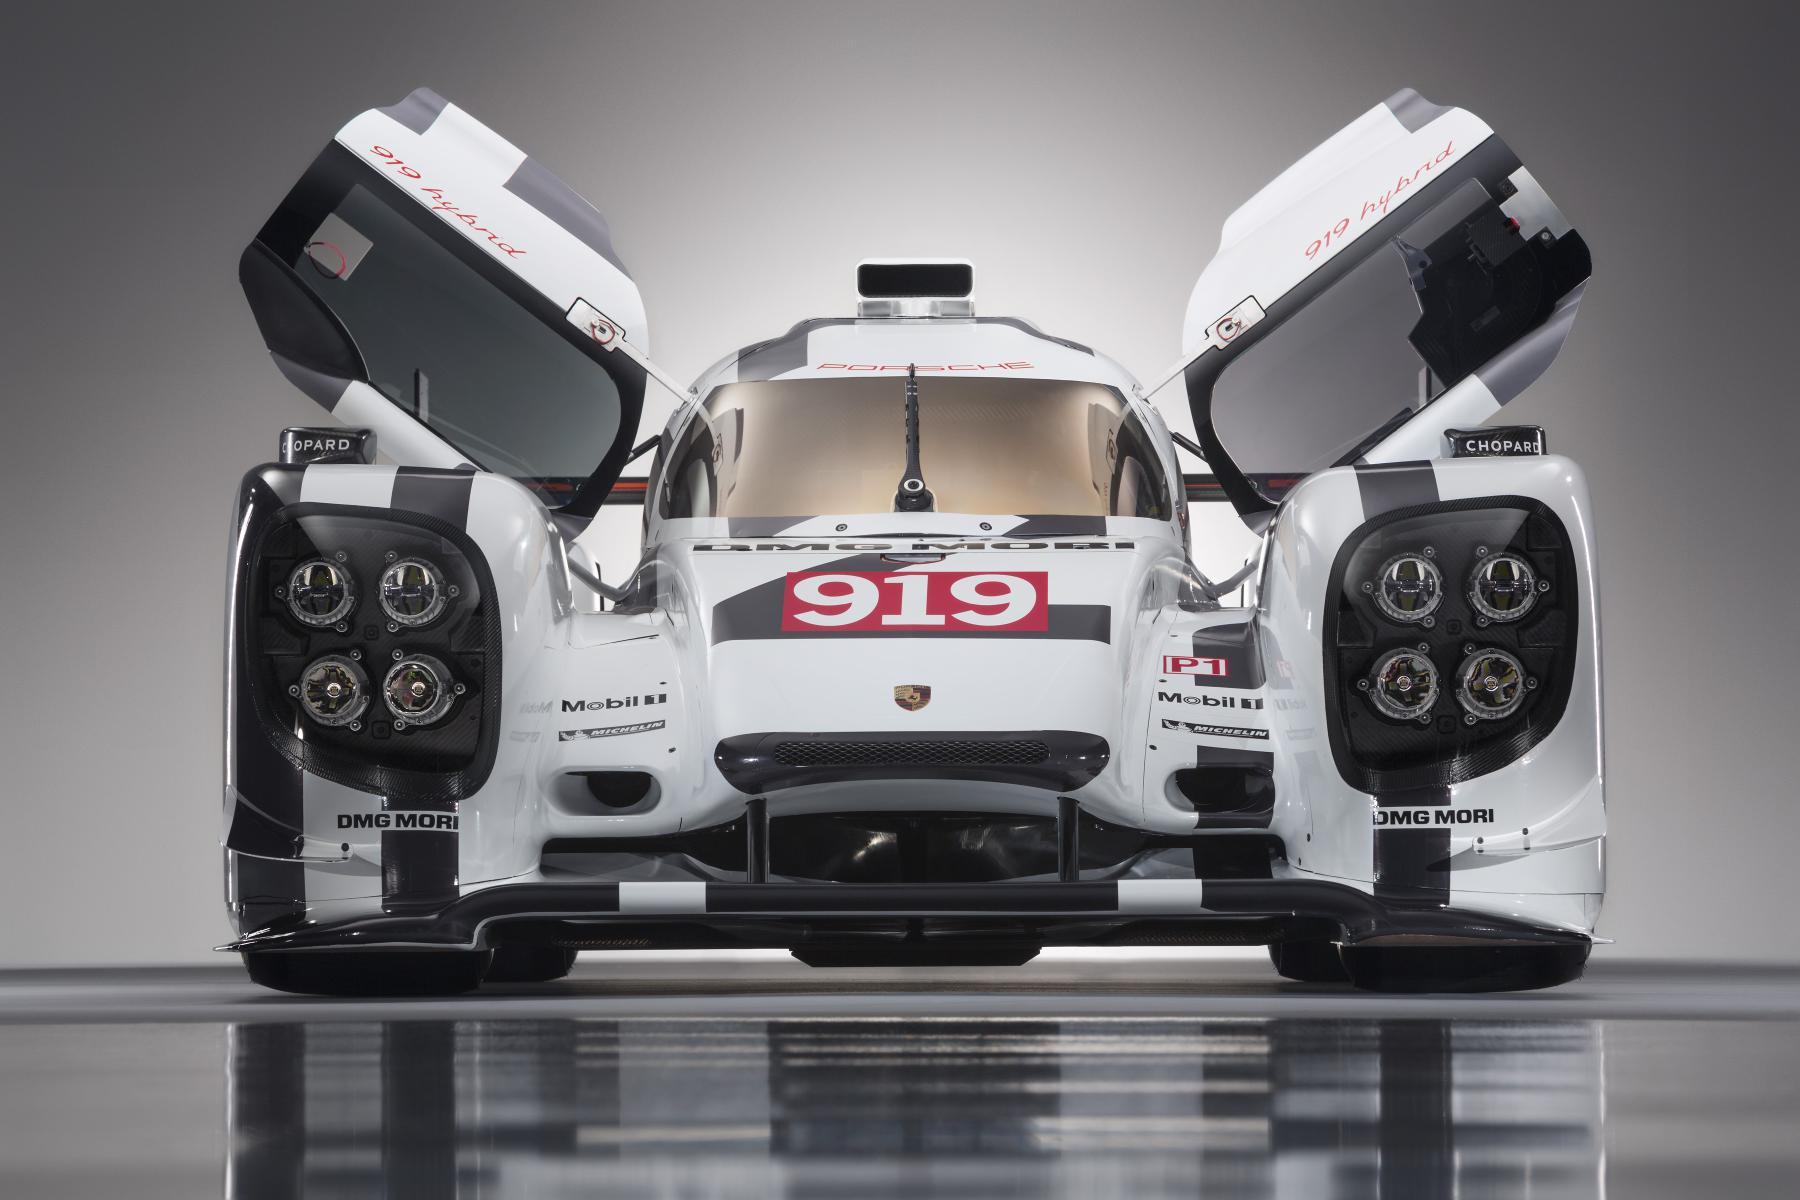 919 Hybrid (1)